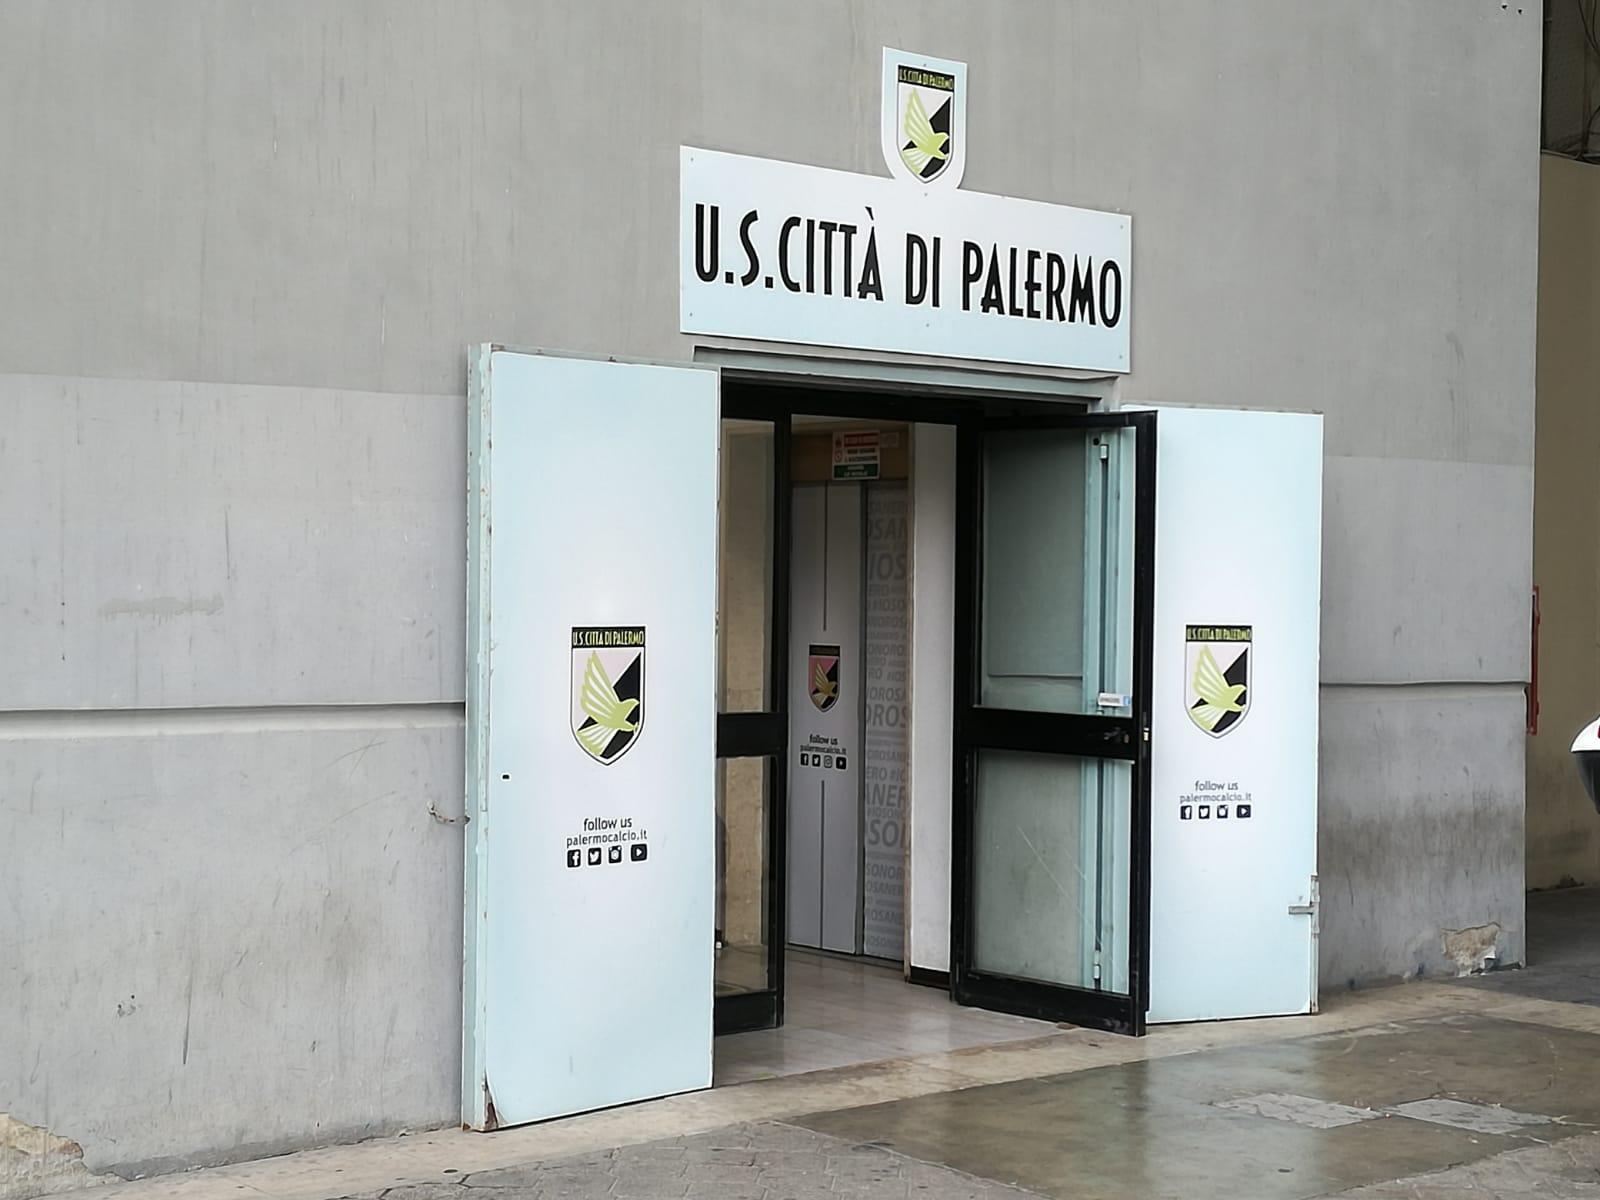 """Il pronunciamento della Cassazione non è certamente favorevole all'ex presidente del Palermo Maurizio Zamparini al quale sono stati confermati gli arresti domiciliari (provvedimento notificatogli a Udine, dove è stato rintracciato dalla Guardia di Finanza). Ma il Palermo ha vinto alcune importanti battaglie. ZAMPARINI: """"VERGOGNA! PROVO COMPASSIONE"""" La Cassazione ha infatti dichiarato inammissibili i due ricorsi della Procura di Palermo che puntavano al sequestro di circa 100 mila euro di proprietà di Zamparini e di poco più di un milione di euro dai conti della società, il che lascia supporre l'insussistenza del reato fiscale e del reato di autoriclaggio, cosa che"""